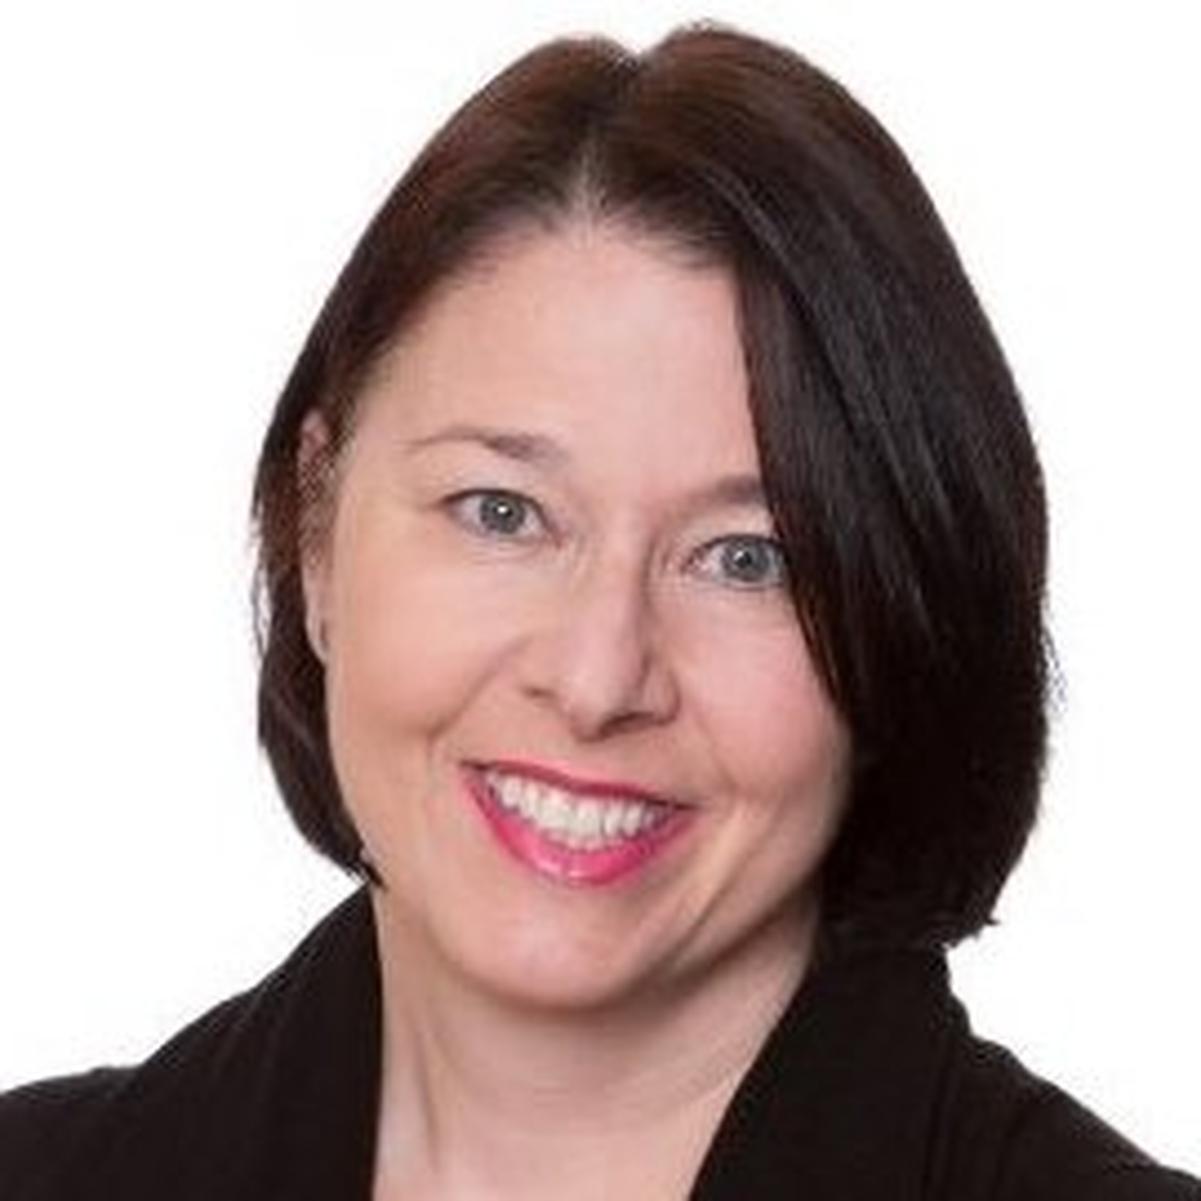 Susan Etlinger